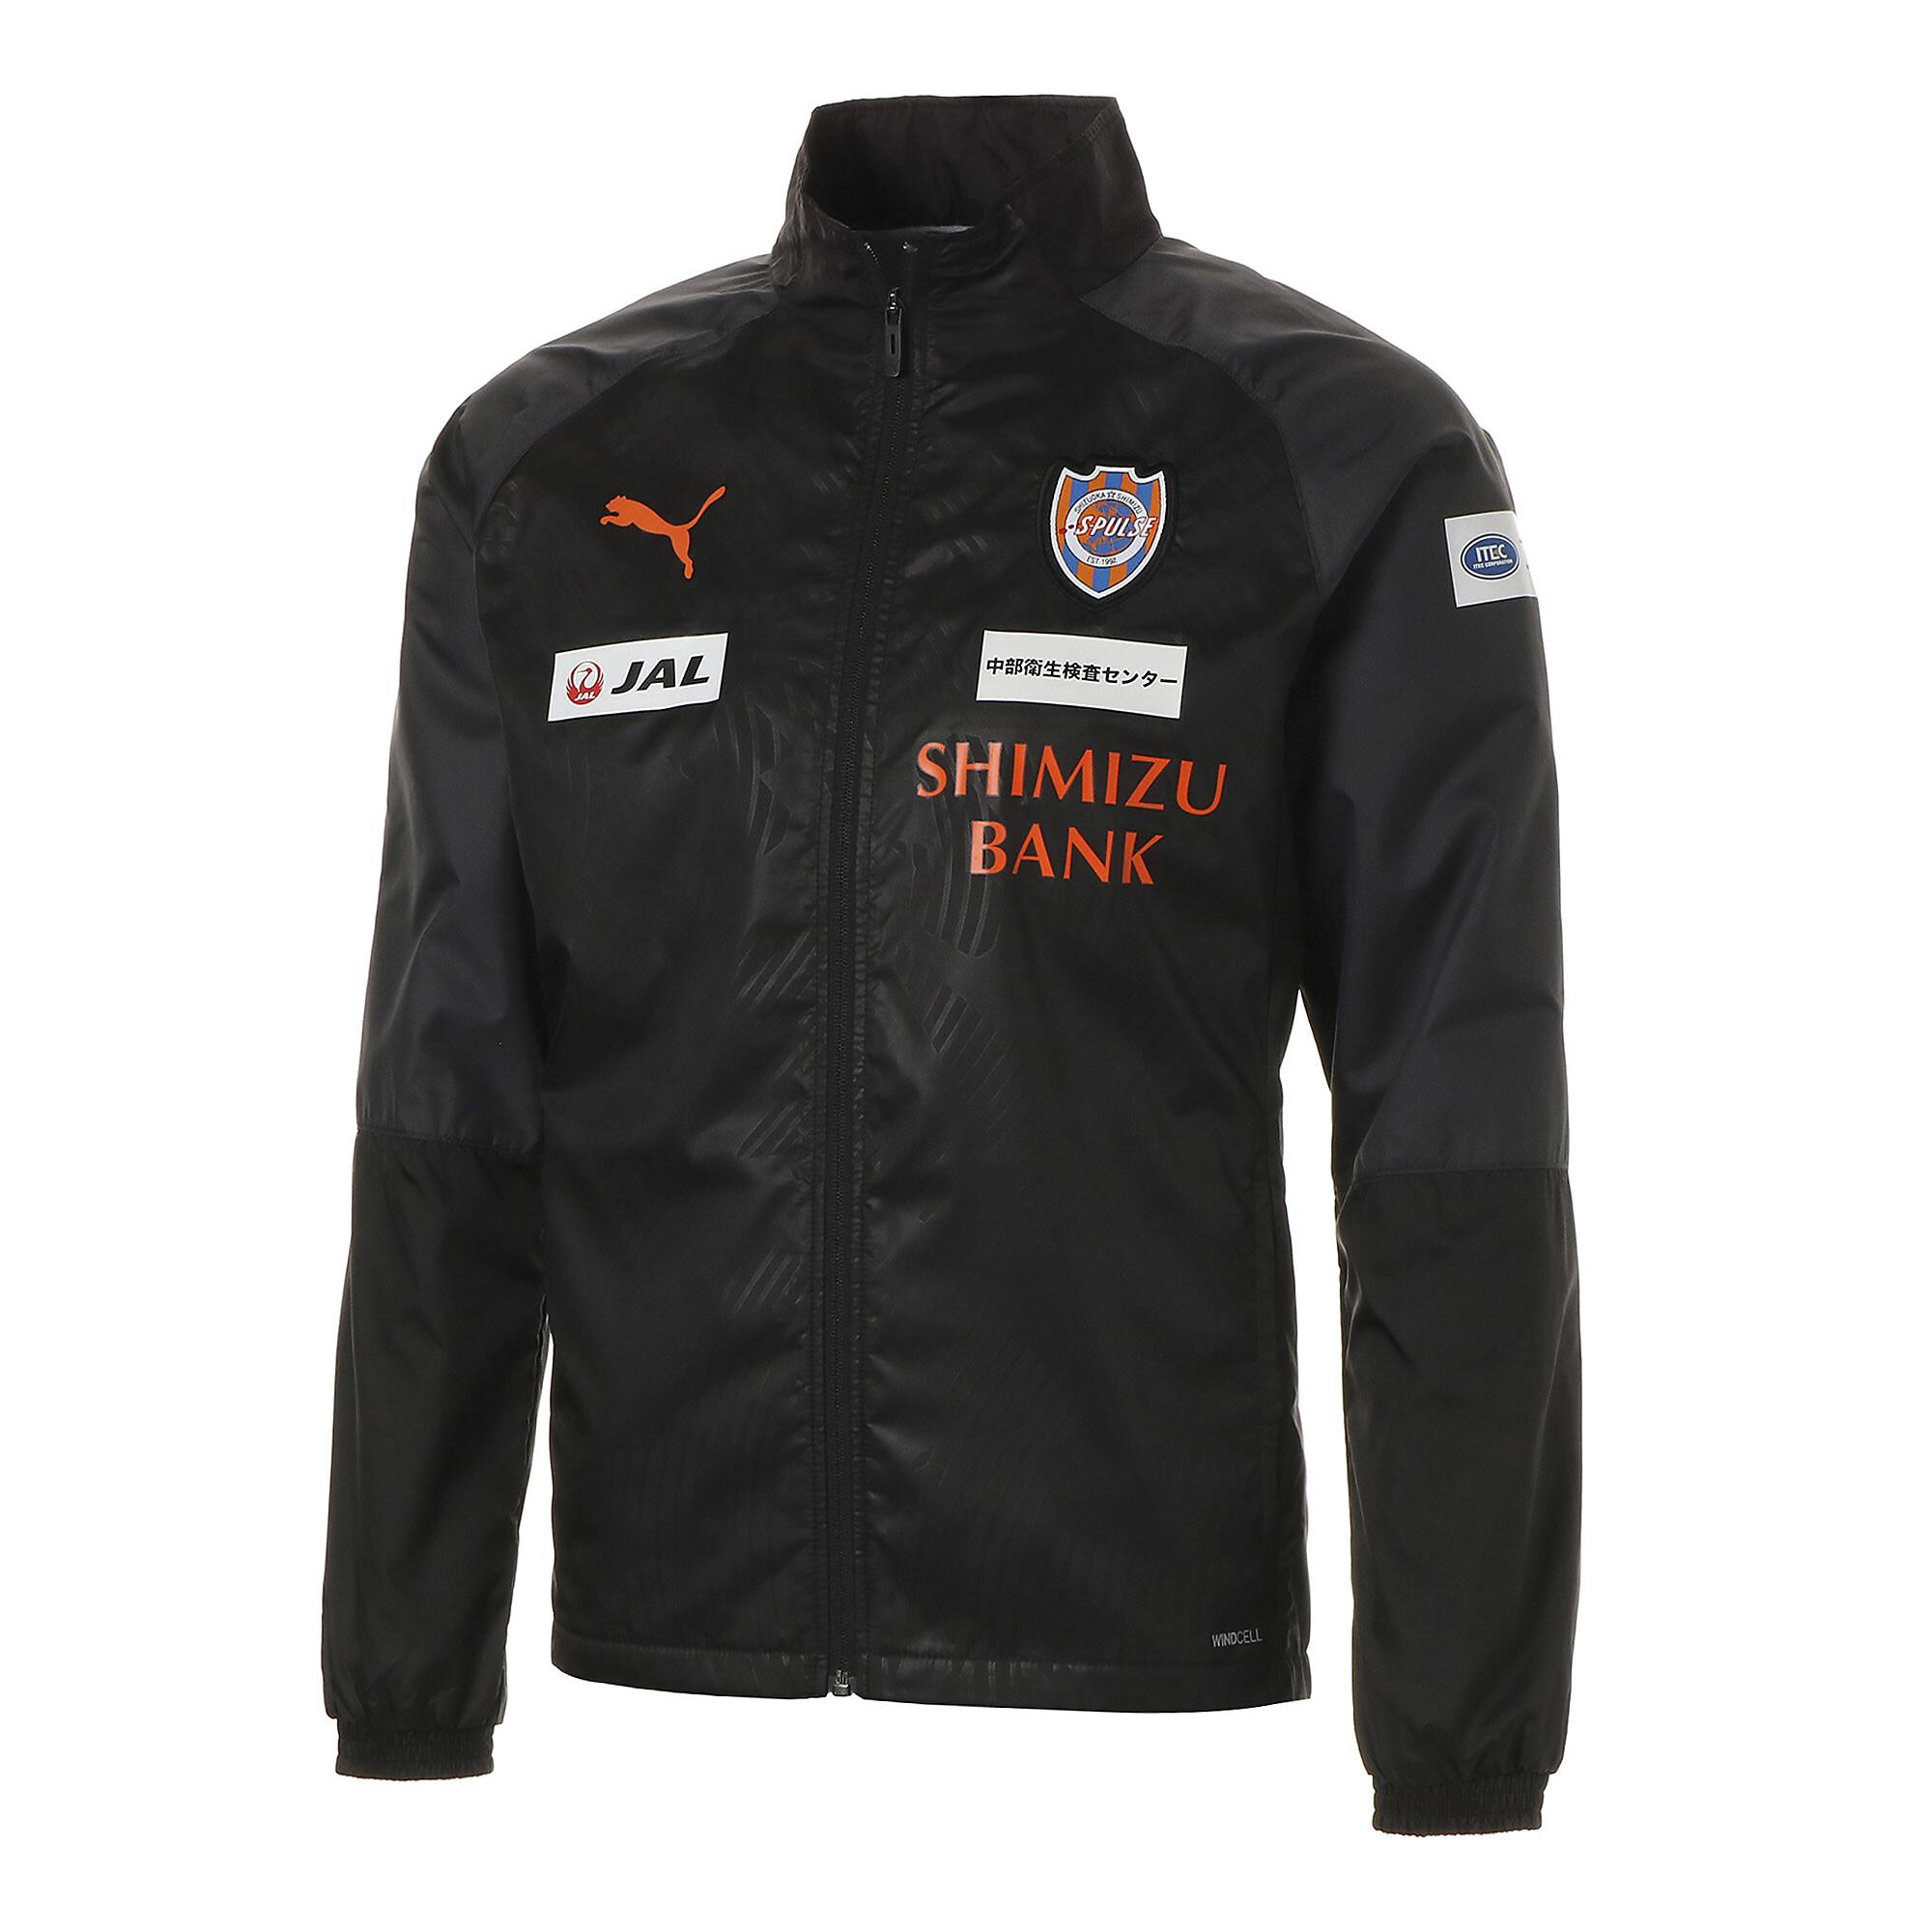 【プーマ公式通販】 プーマ エスパルス 19 ラインド ウーブン ジャケット メンズ Puma Black-SP orange |PUMA.com